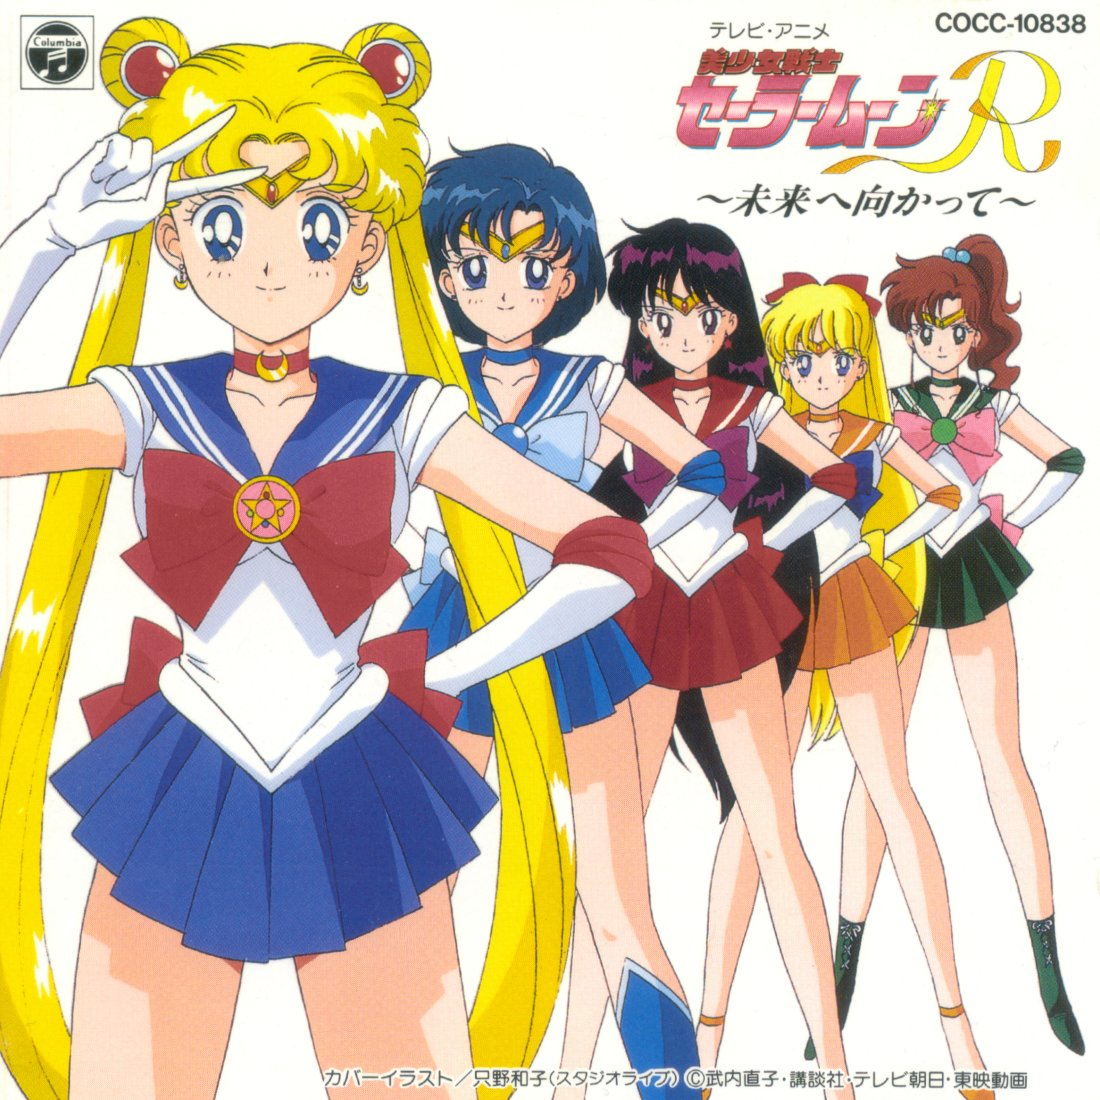 bishoujo senshi sailor moon r mirai he mukatte heading towards the